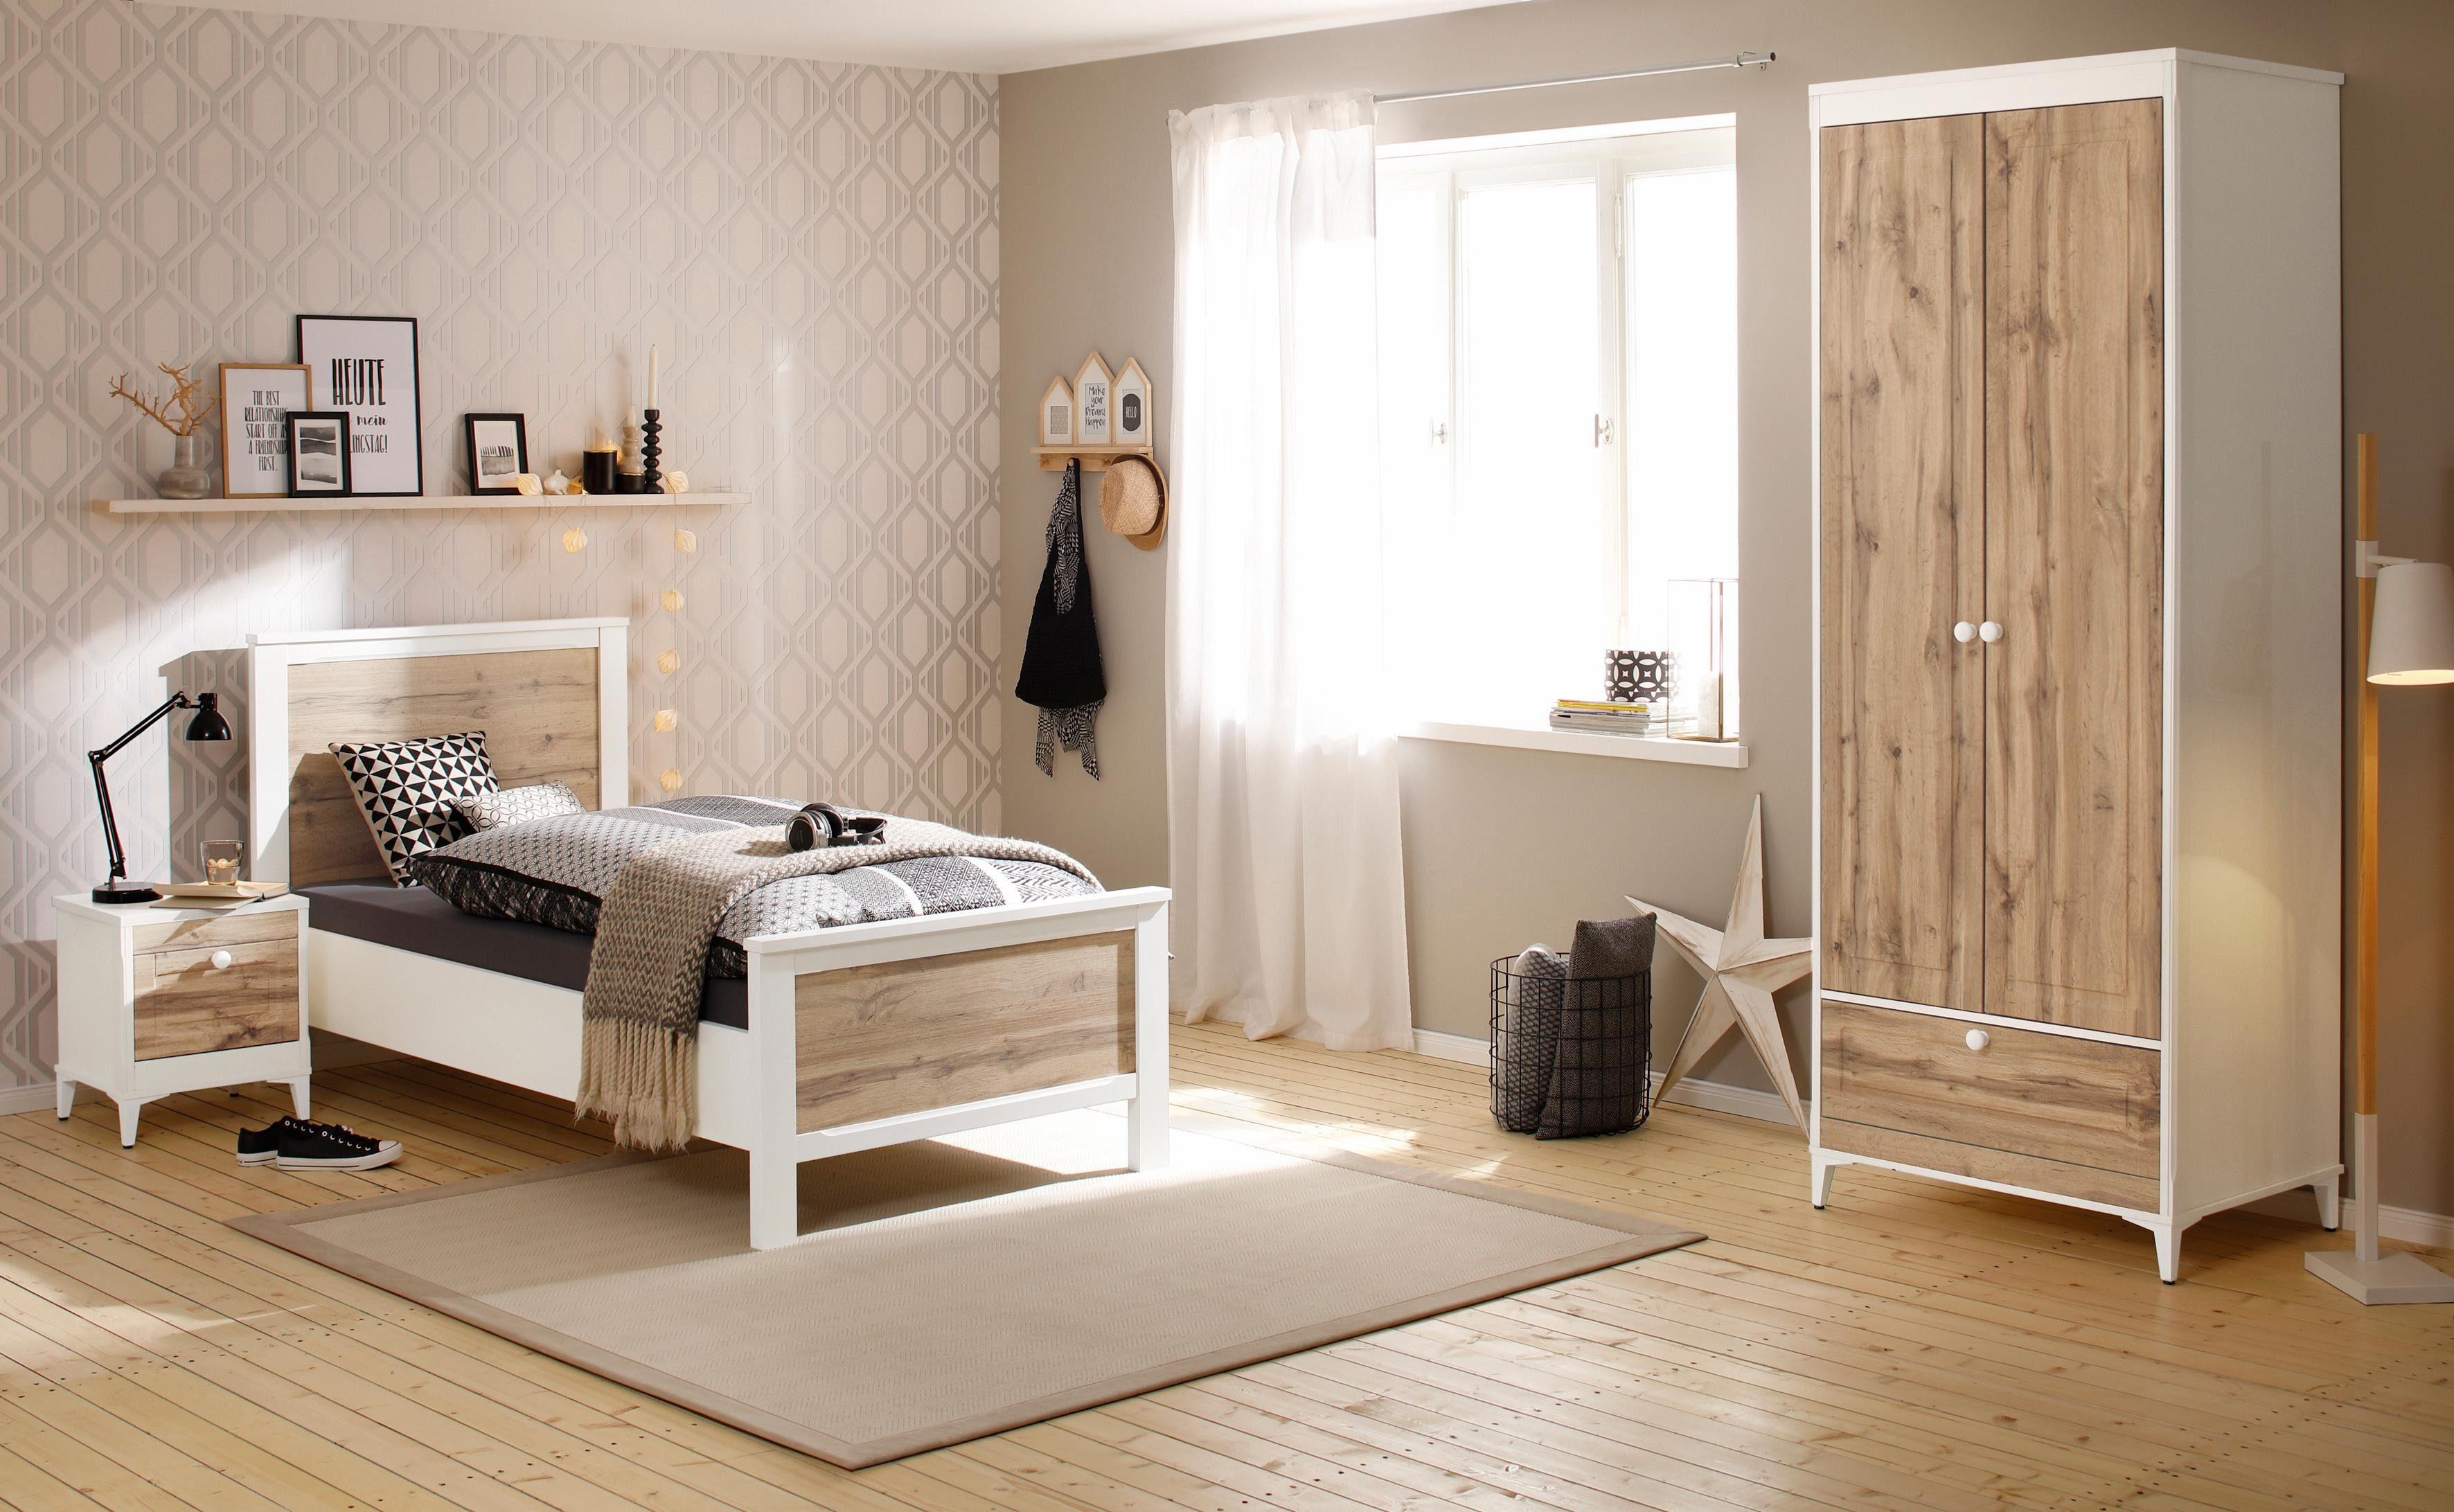 Home affaire Schlafzimmerset »Kjell« 3-tlg., bestehend aus Bett, Nachttisch und 2-türigem Kleiderschrank